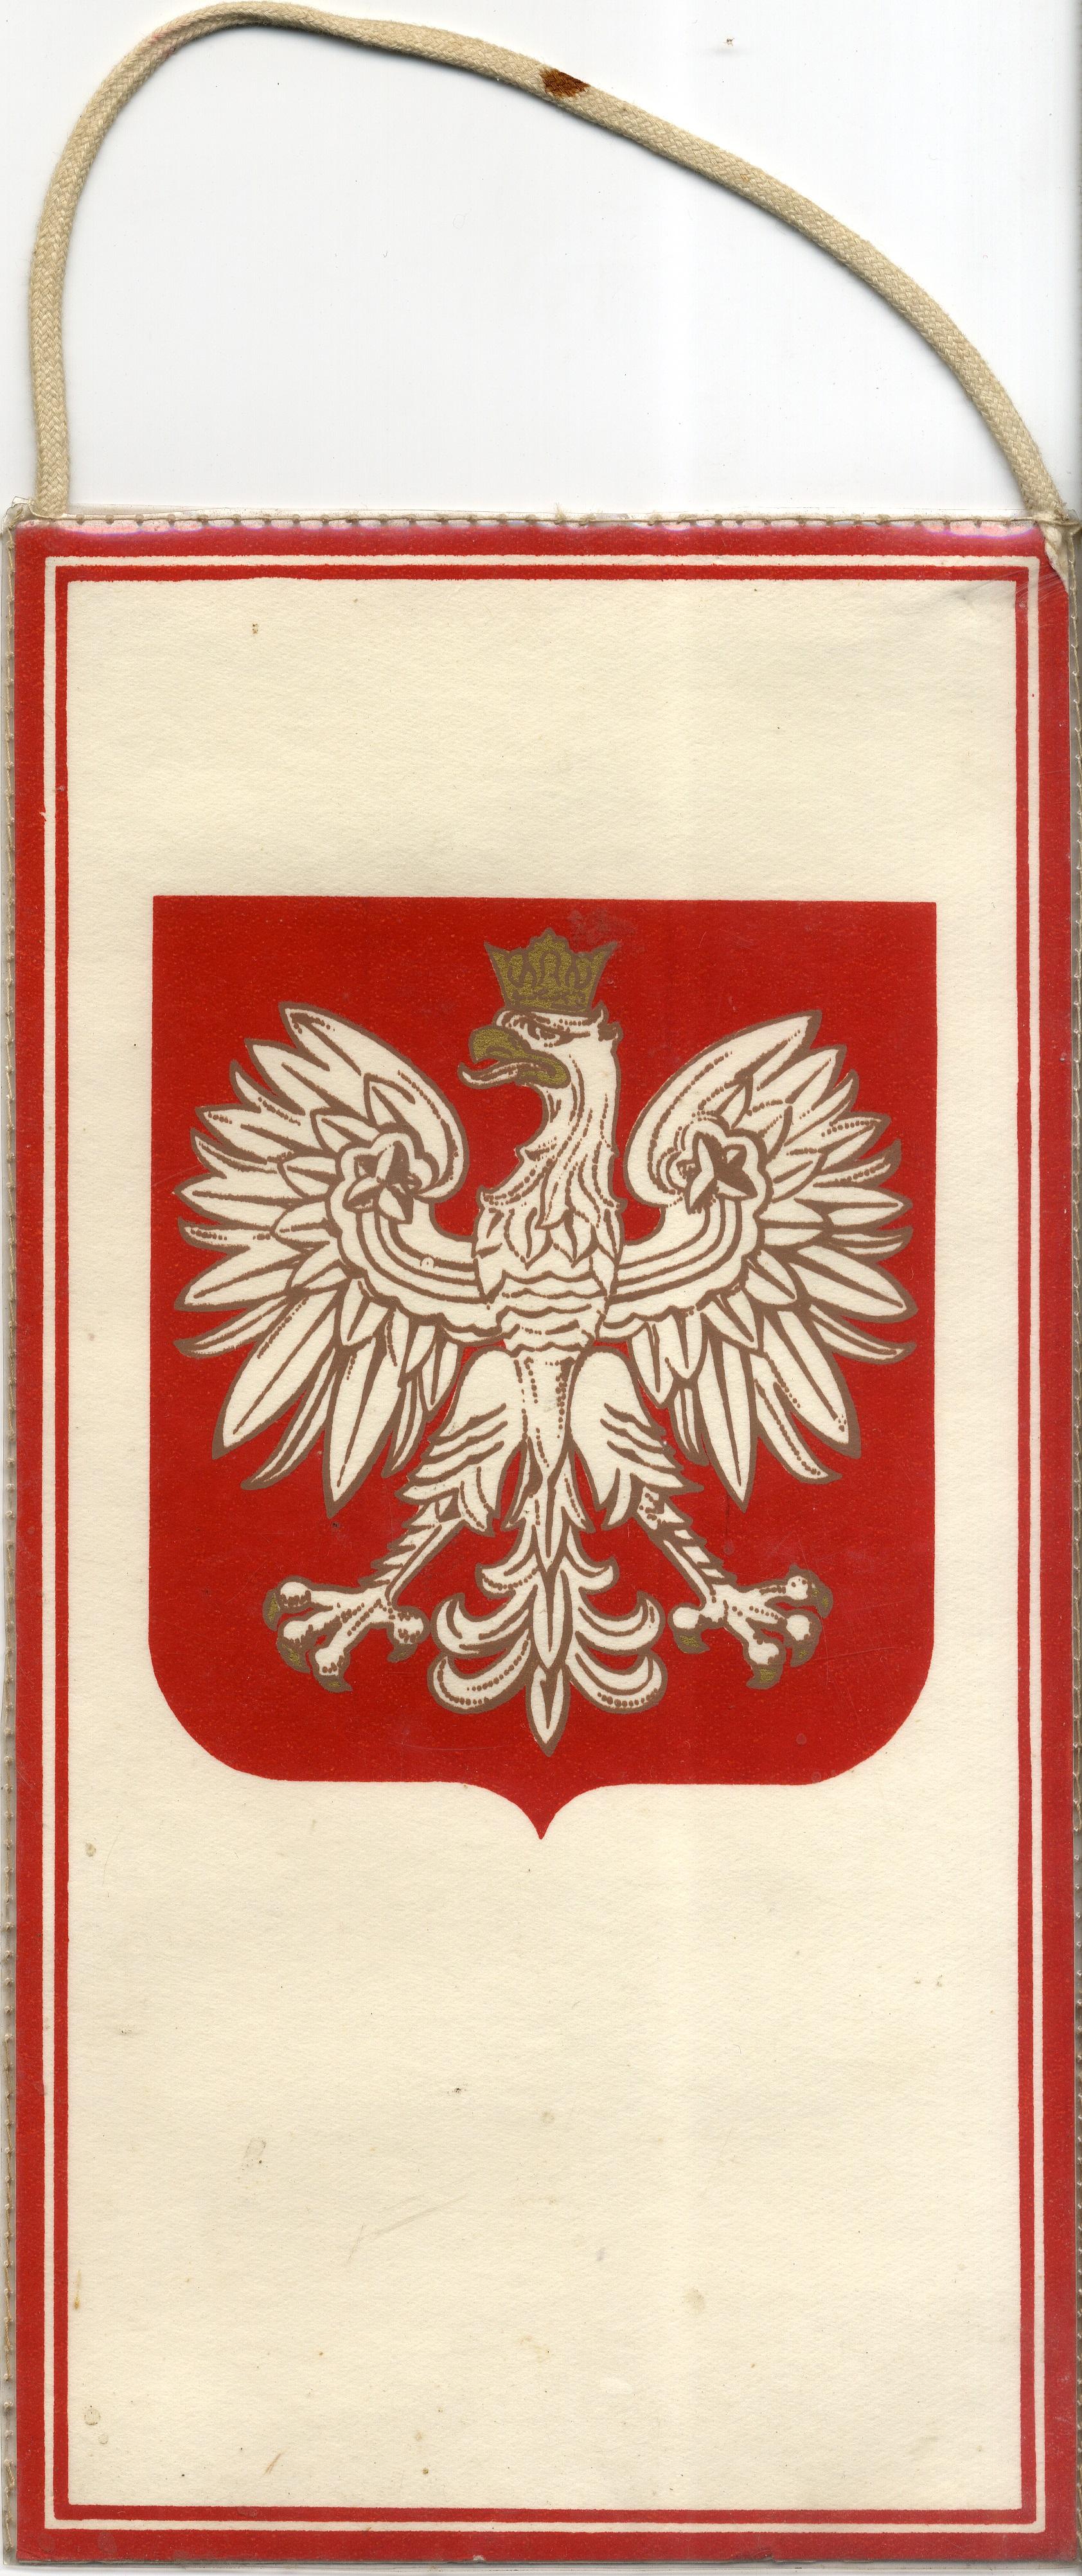 AKKS-347-166-659 - 006B